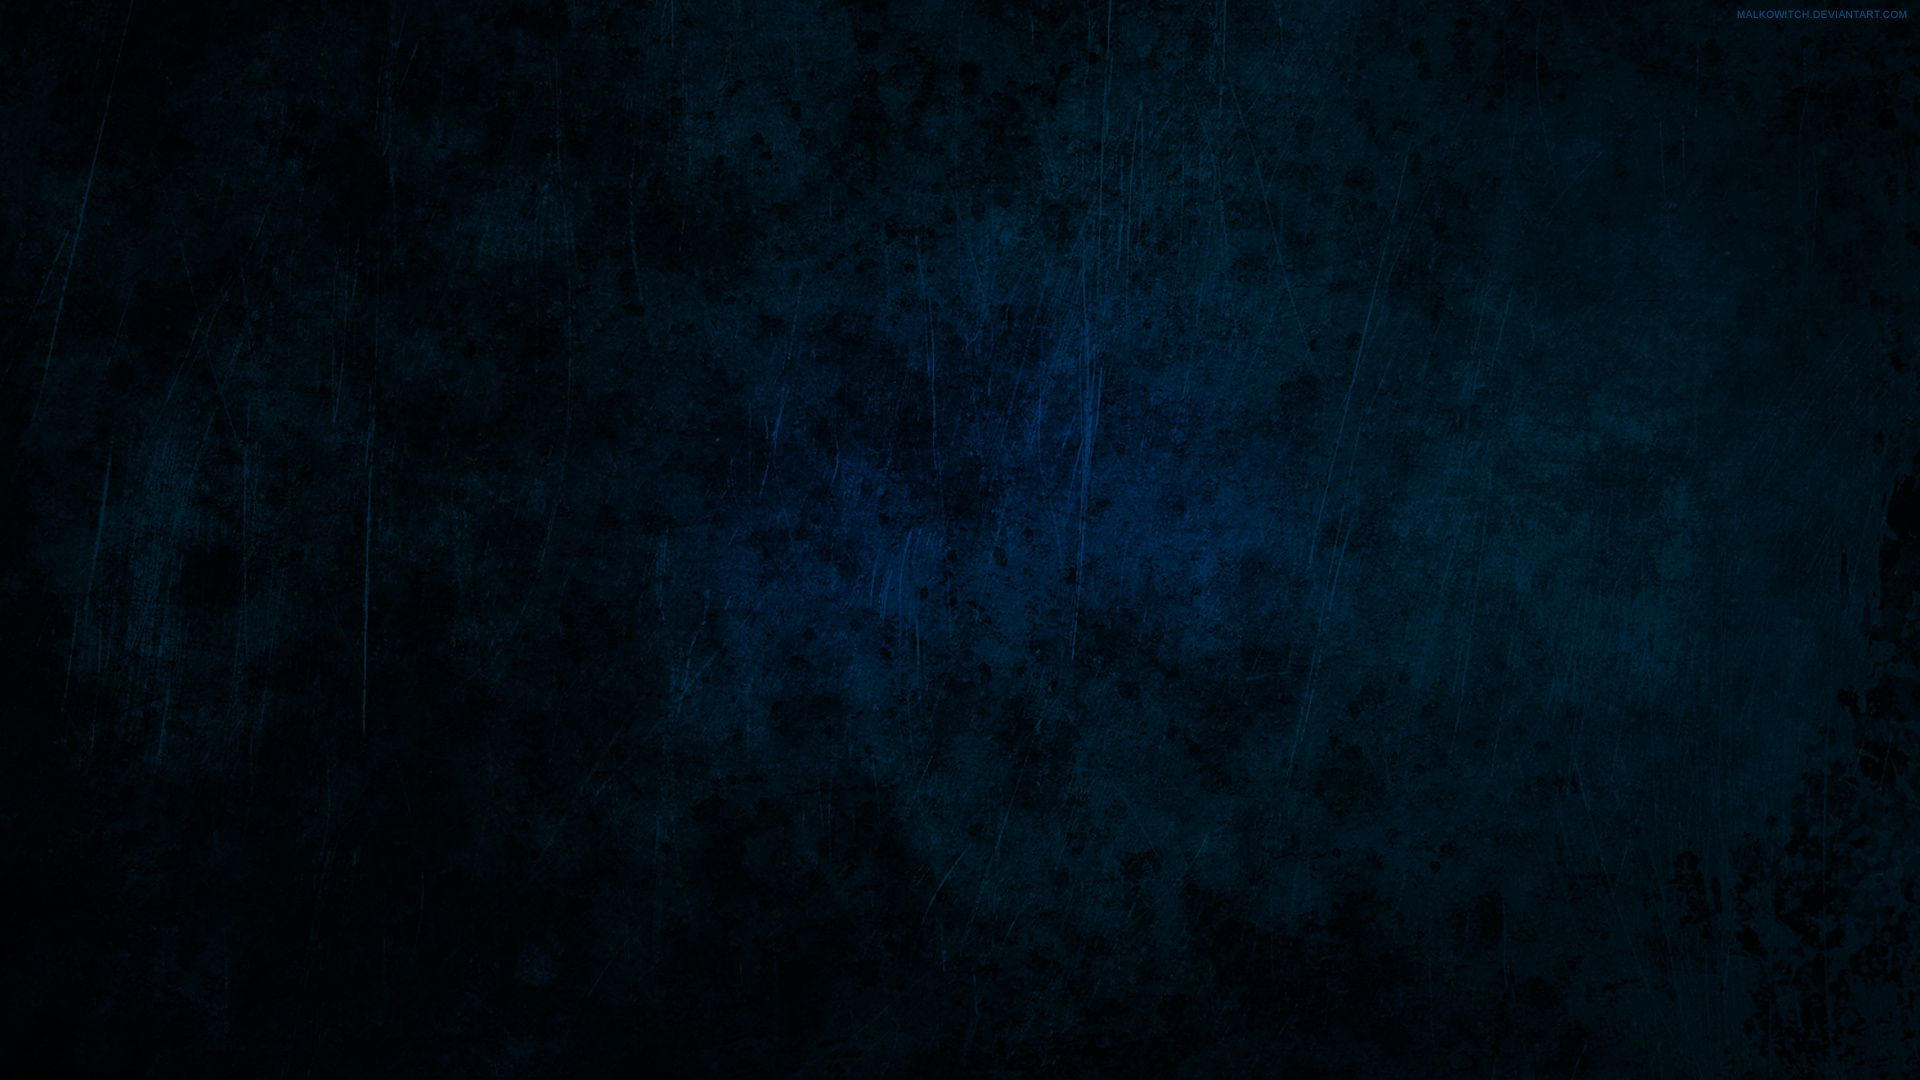 Dark Blue Wallpaper Hd W1x Dark Blue Wallpaper Blue Wallpapers Dark Wallpaper